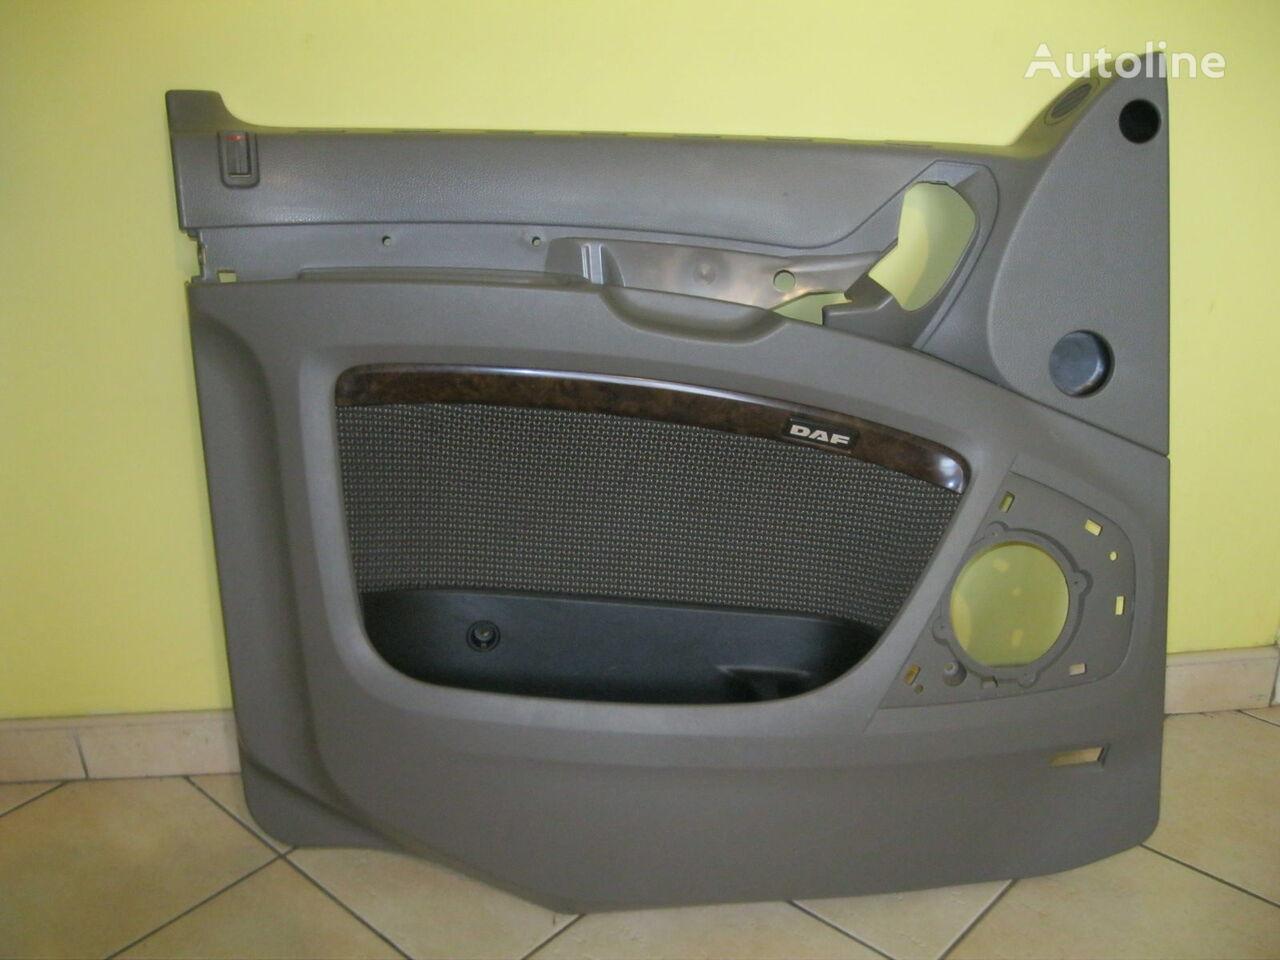 TAPICERKA DRZWI vrata za DAF XF 105 tegljača